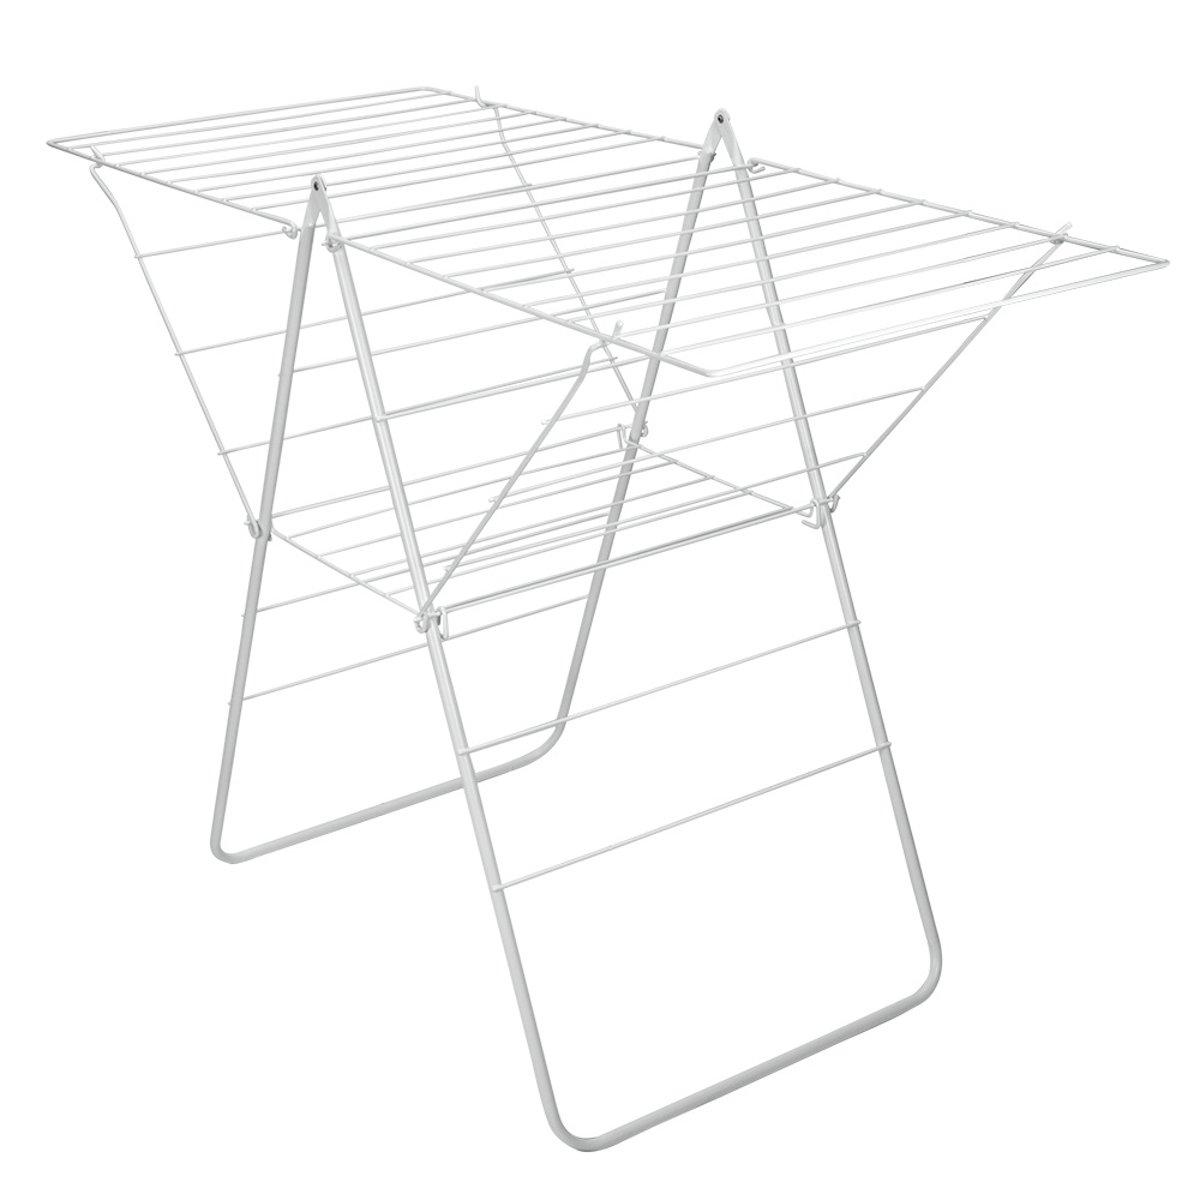 Metaltex - Bravotex - Droogrek - 25 meter - Wit